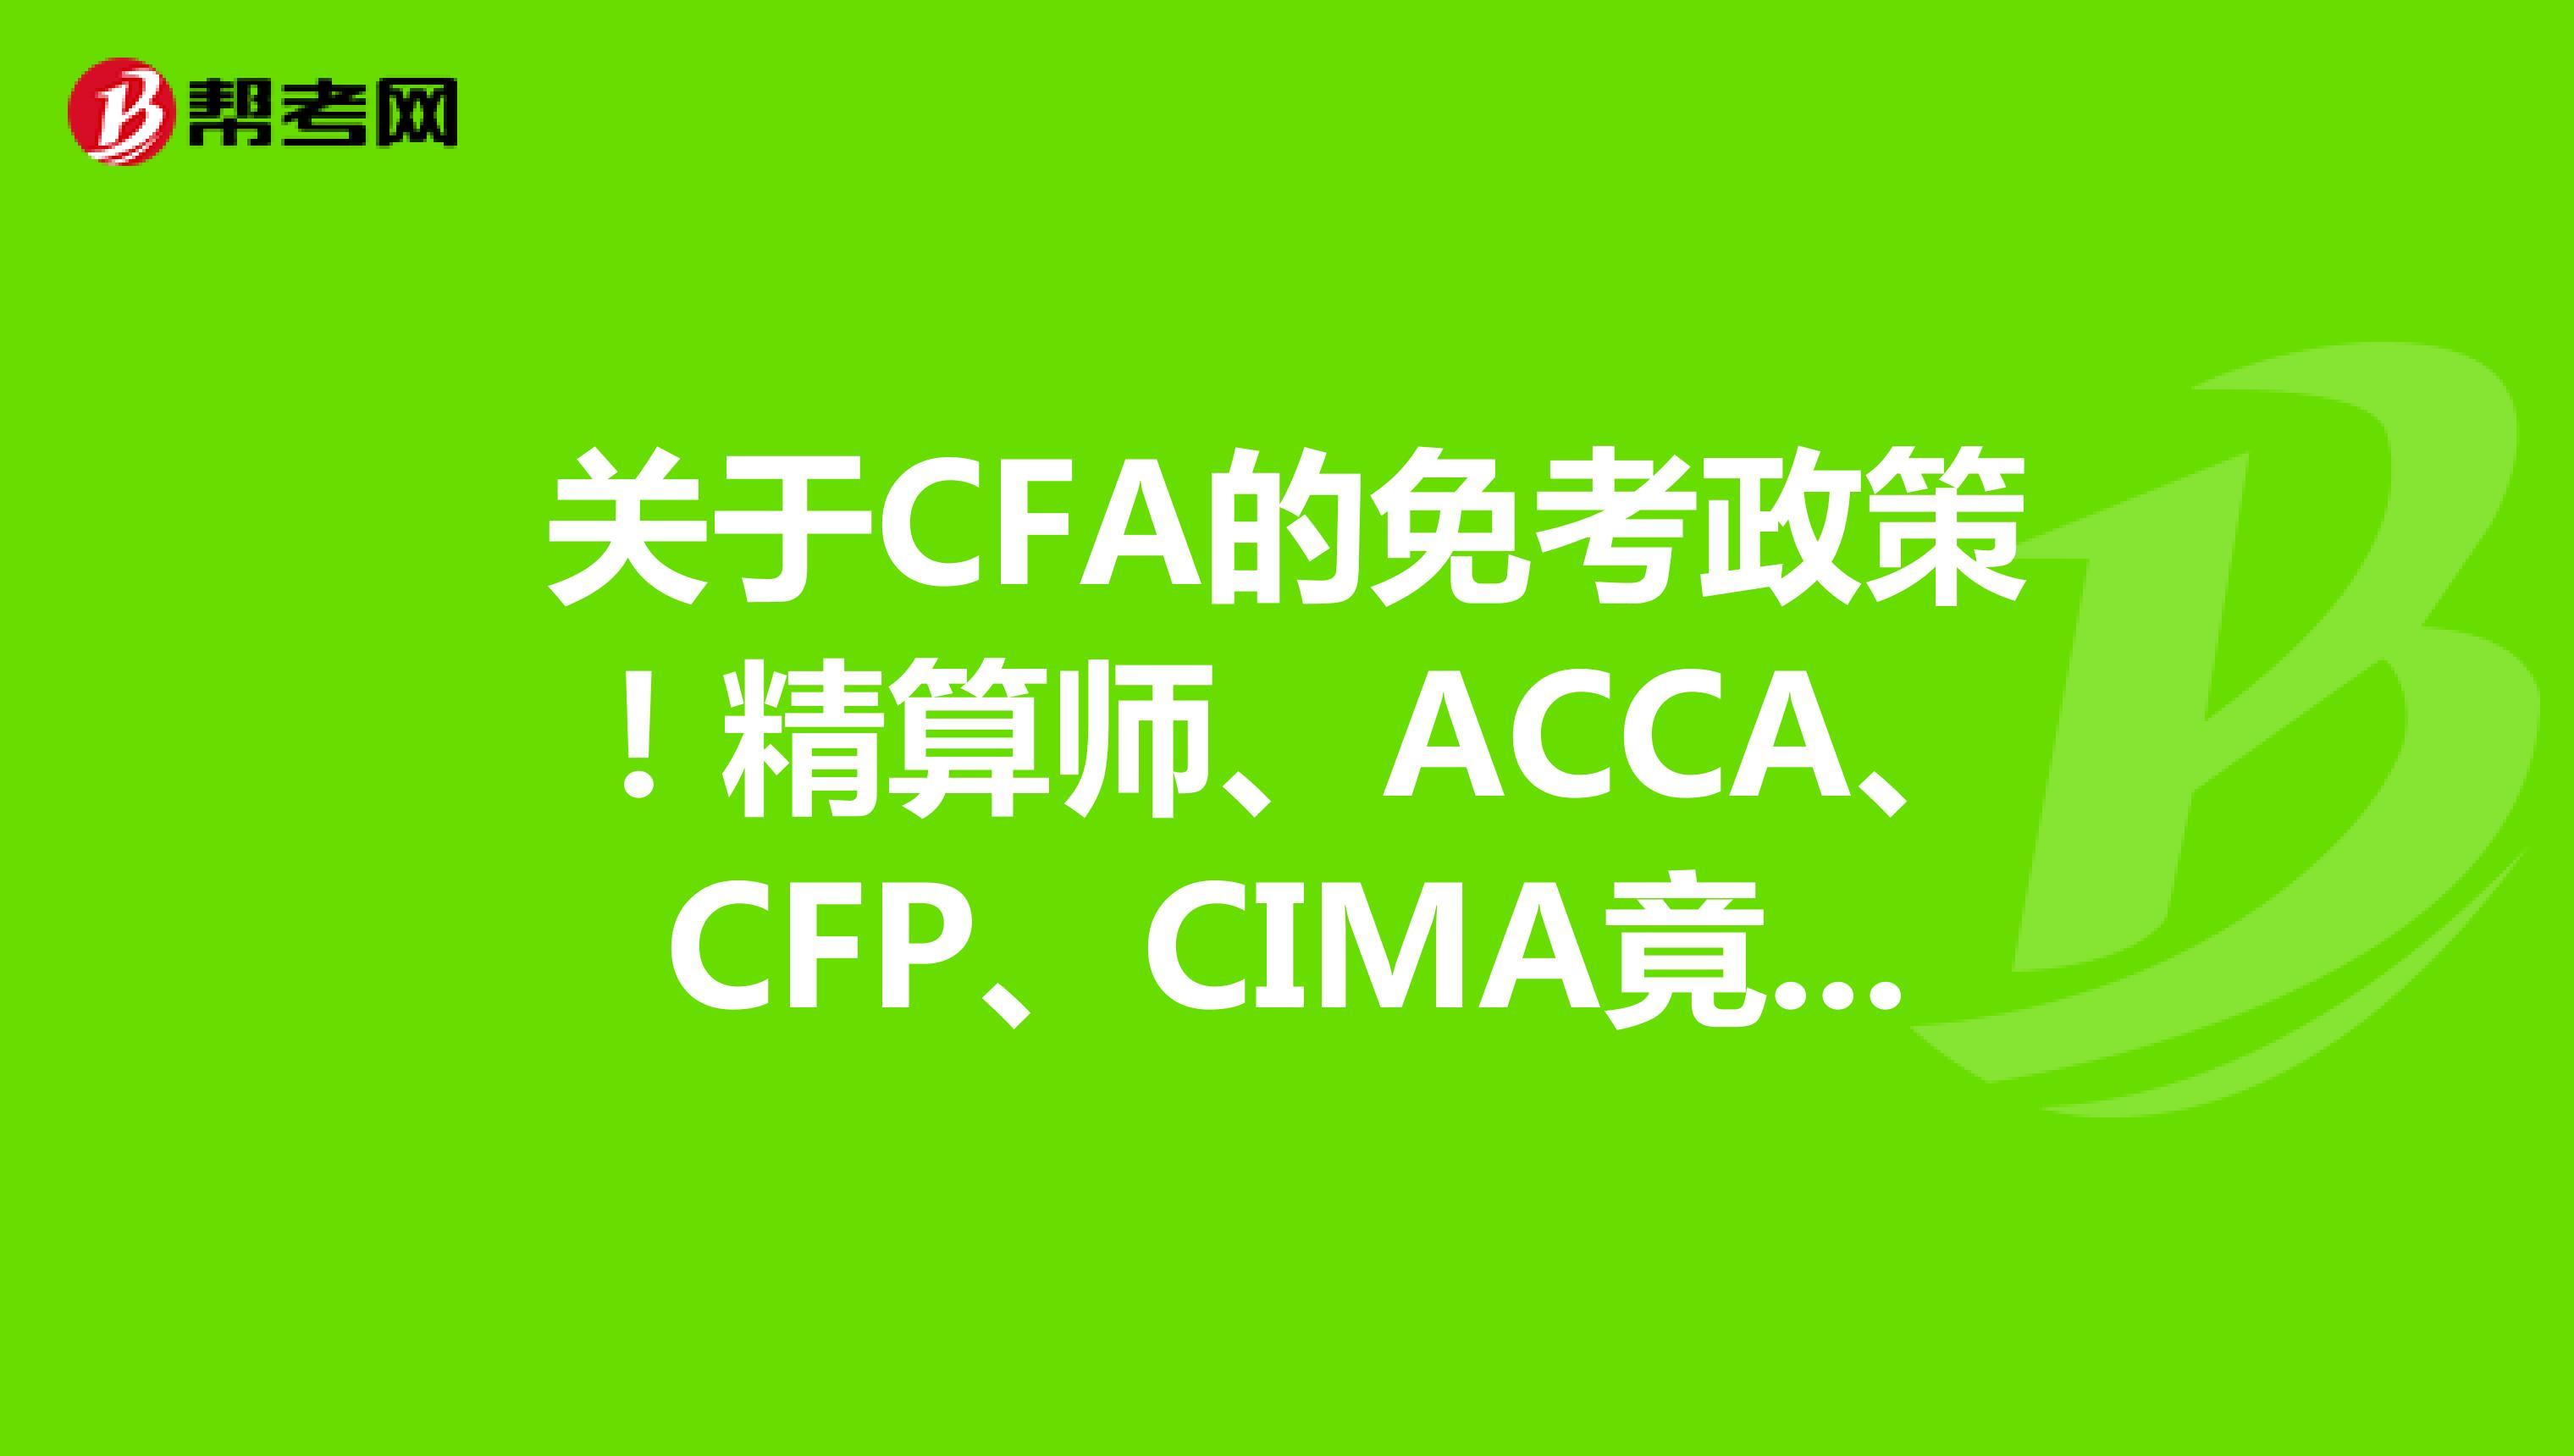 关于CFA的免考政策!精算师、ACCA、CFP、CIMA竟然都能免...